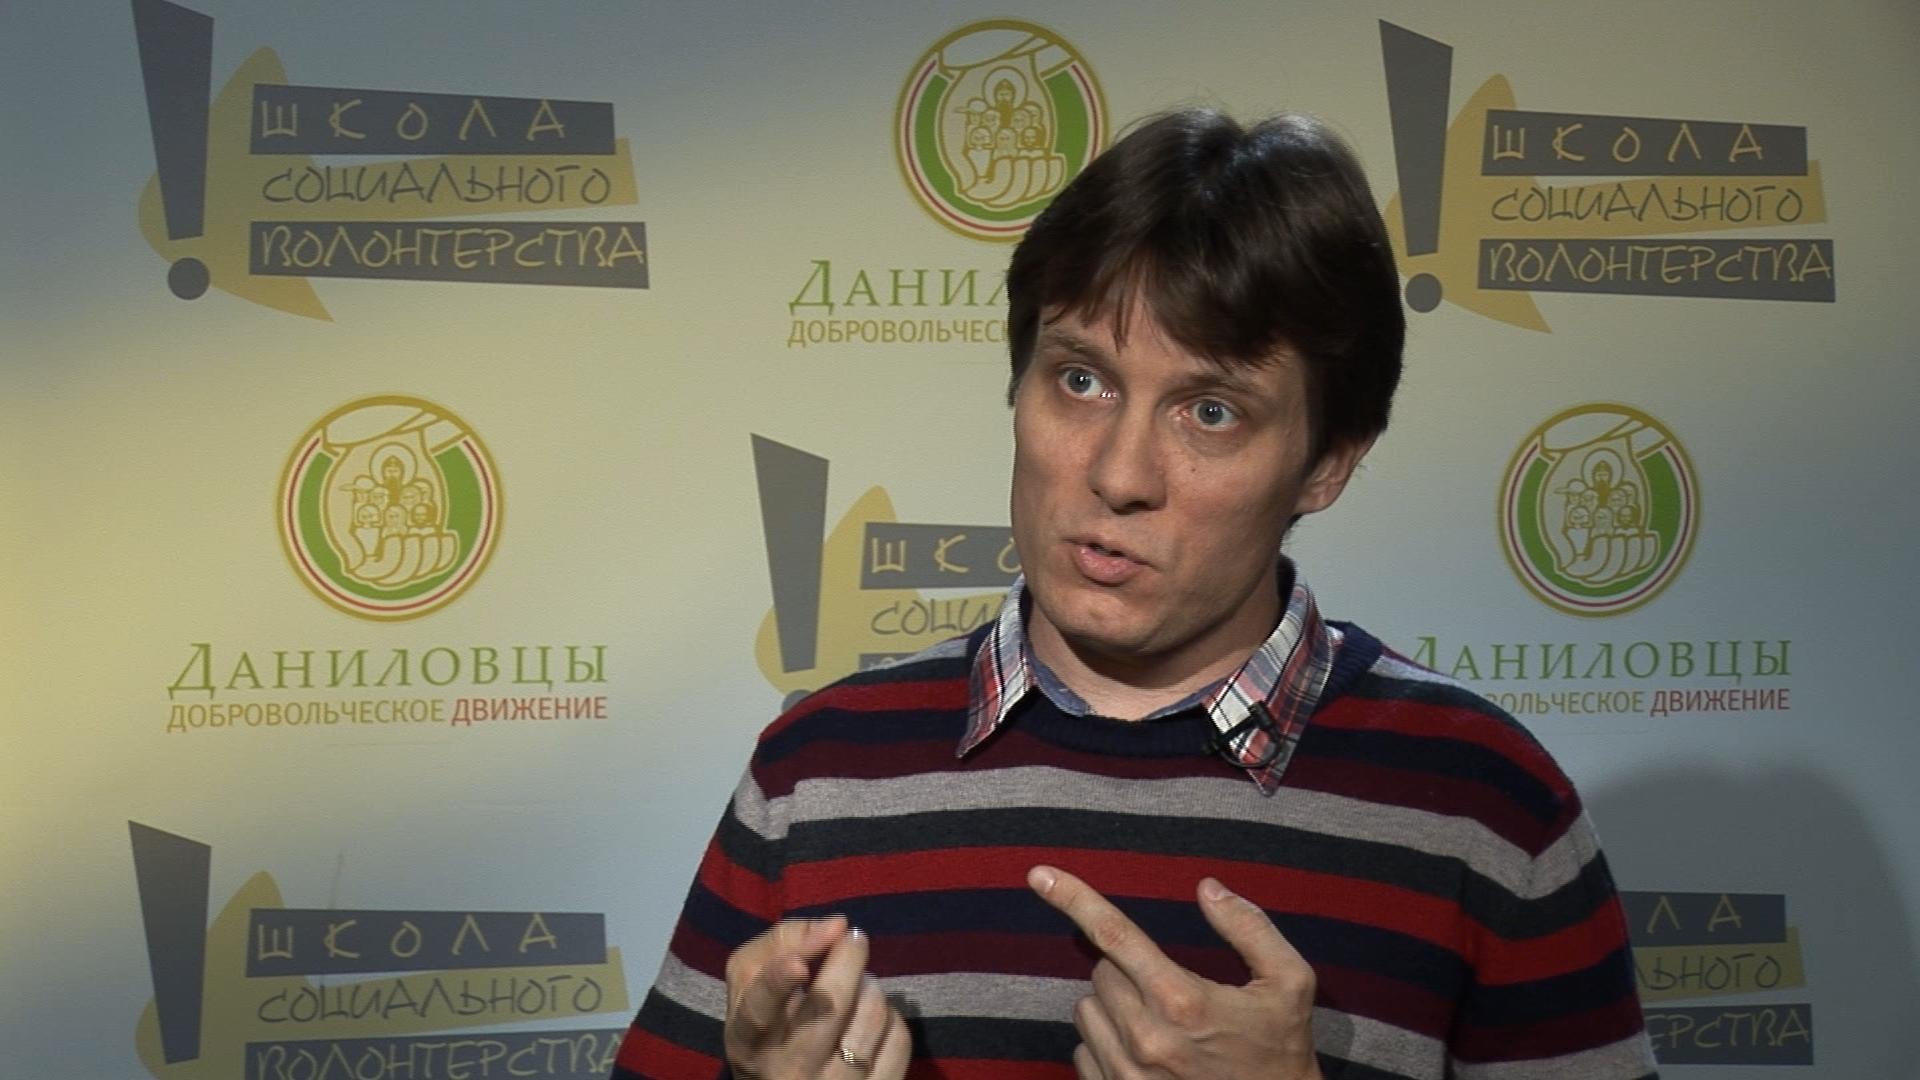 Юрий Белановский Обучение волонтёров, наставничество и психологическая поддержка.